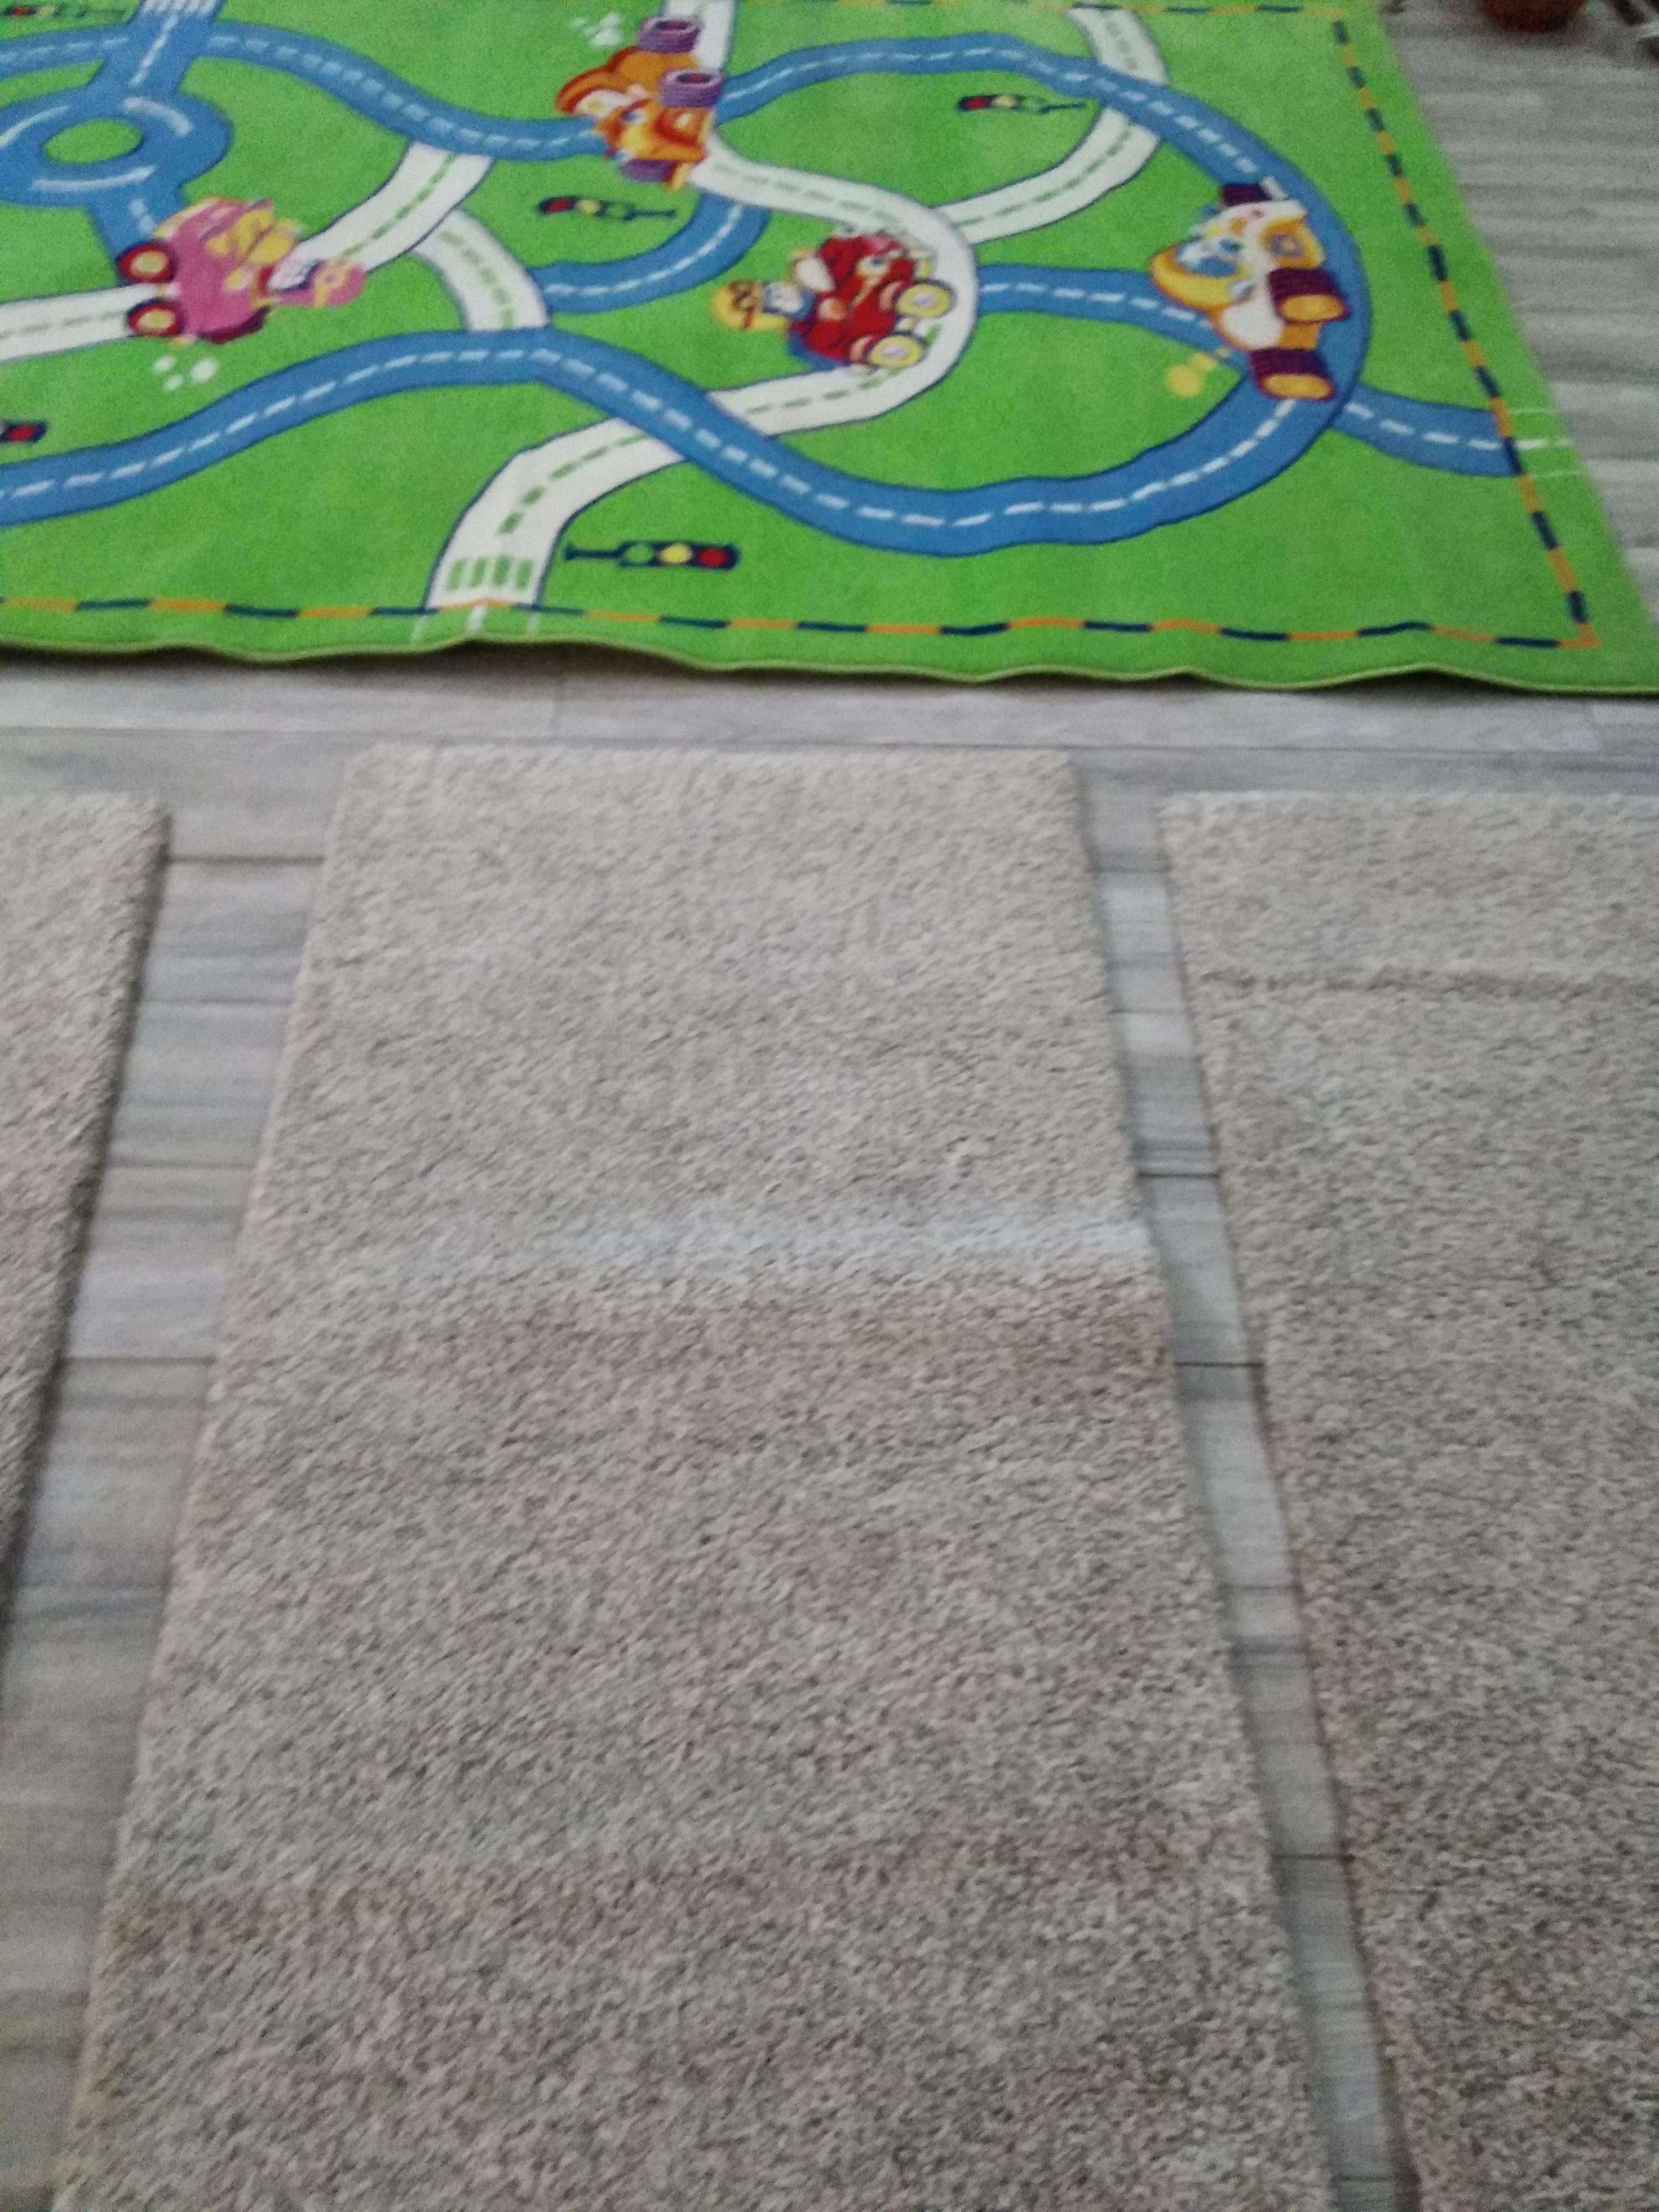 Фото Химчистка ковров и мебели.Качественно выполнили большой объем работы за 2 часа.